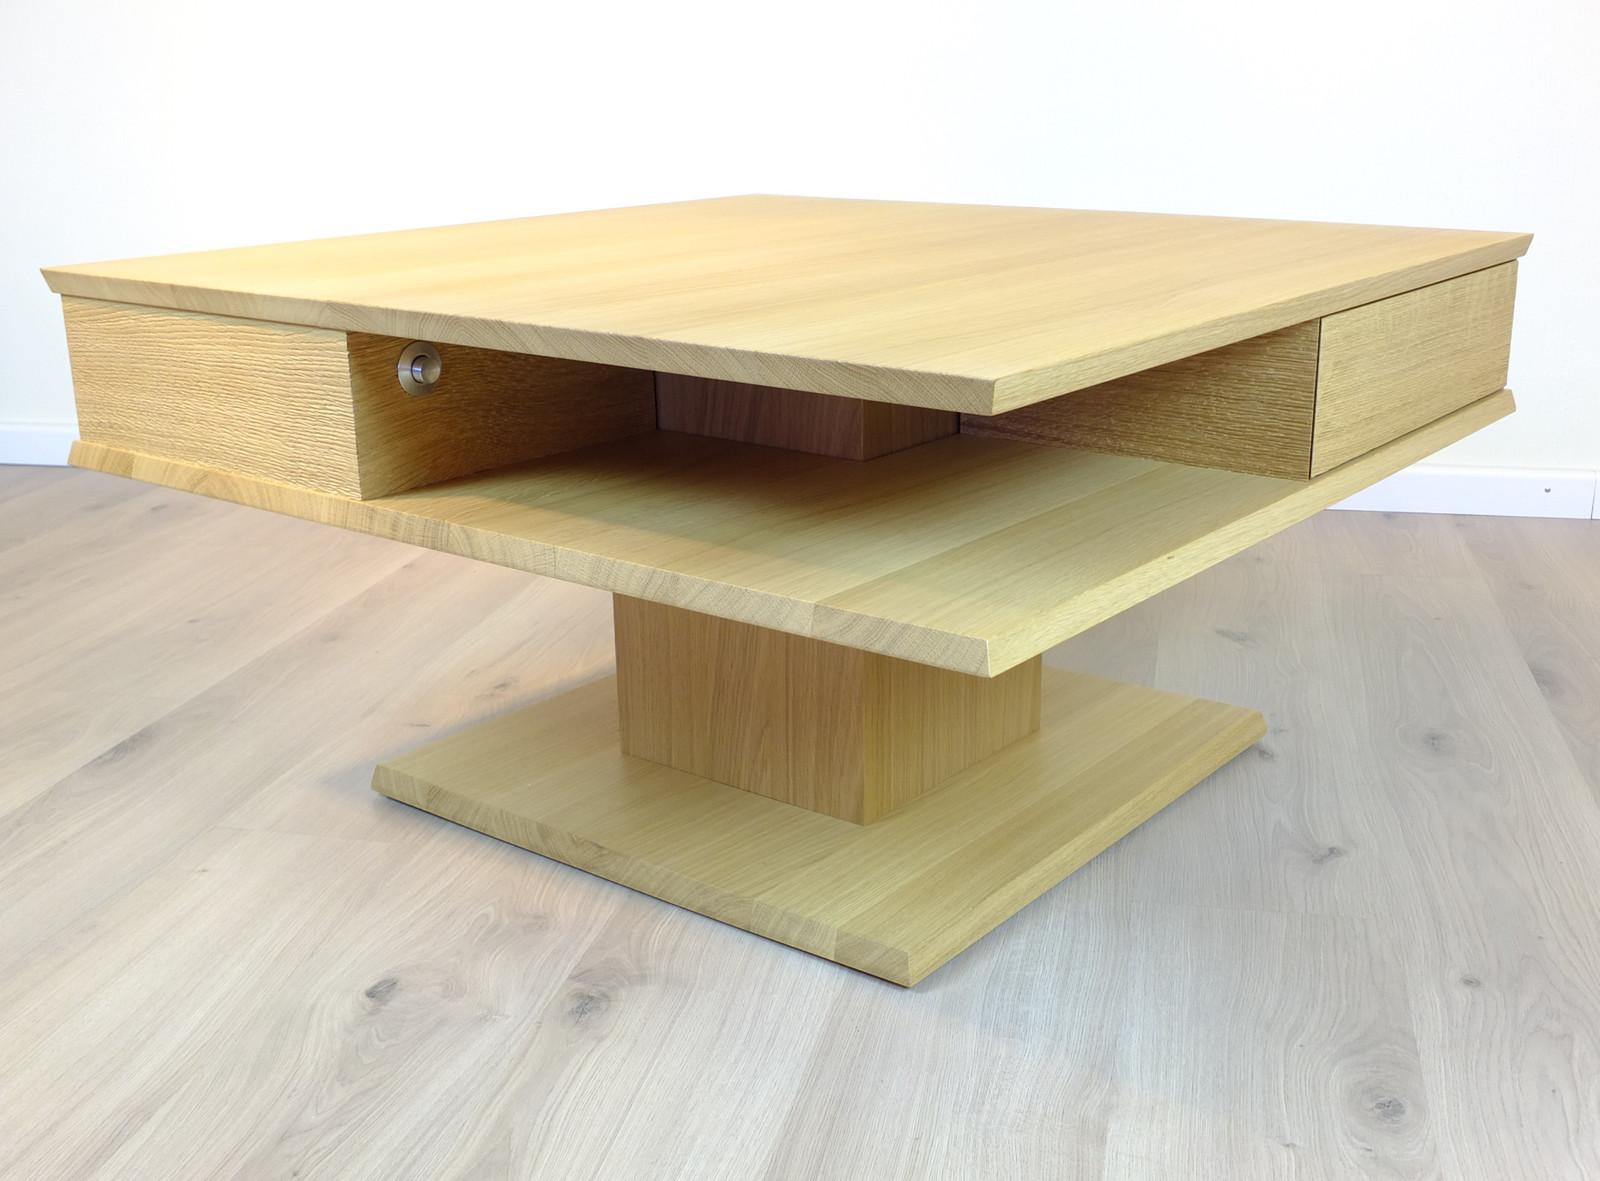 Couchtisch / Wohnzimmertisch / Sofatisch - Modell: Linie R  quadratisch modern Größe: 90 x 90 cm höhenverstellbar von ca. 47 - 62 cm / Eiche vollmassiv